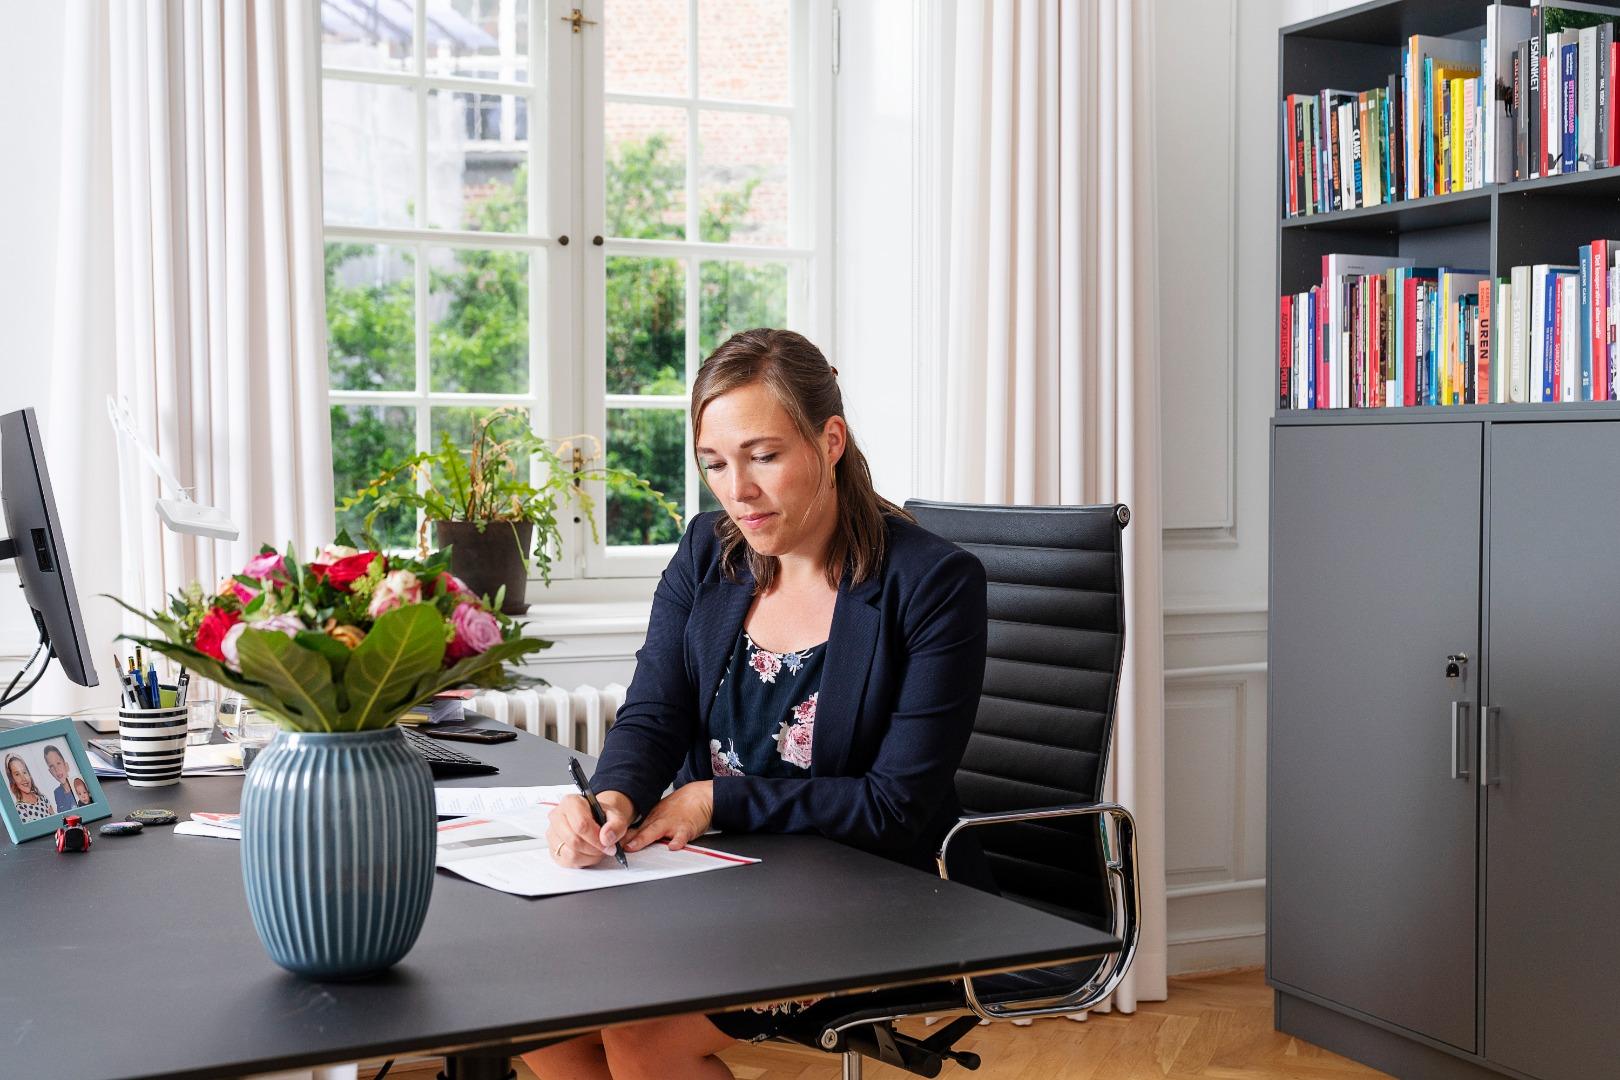 Anbud365: Millionkutt i det offentlige og omstridt praksis kan gi dansk konsulentkrise